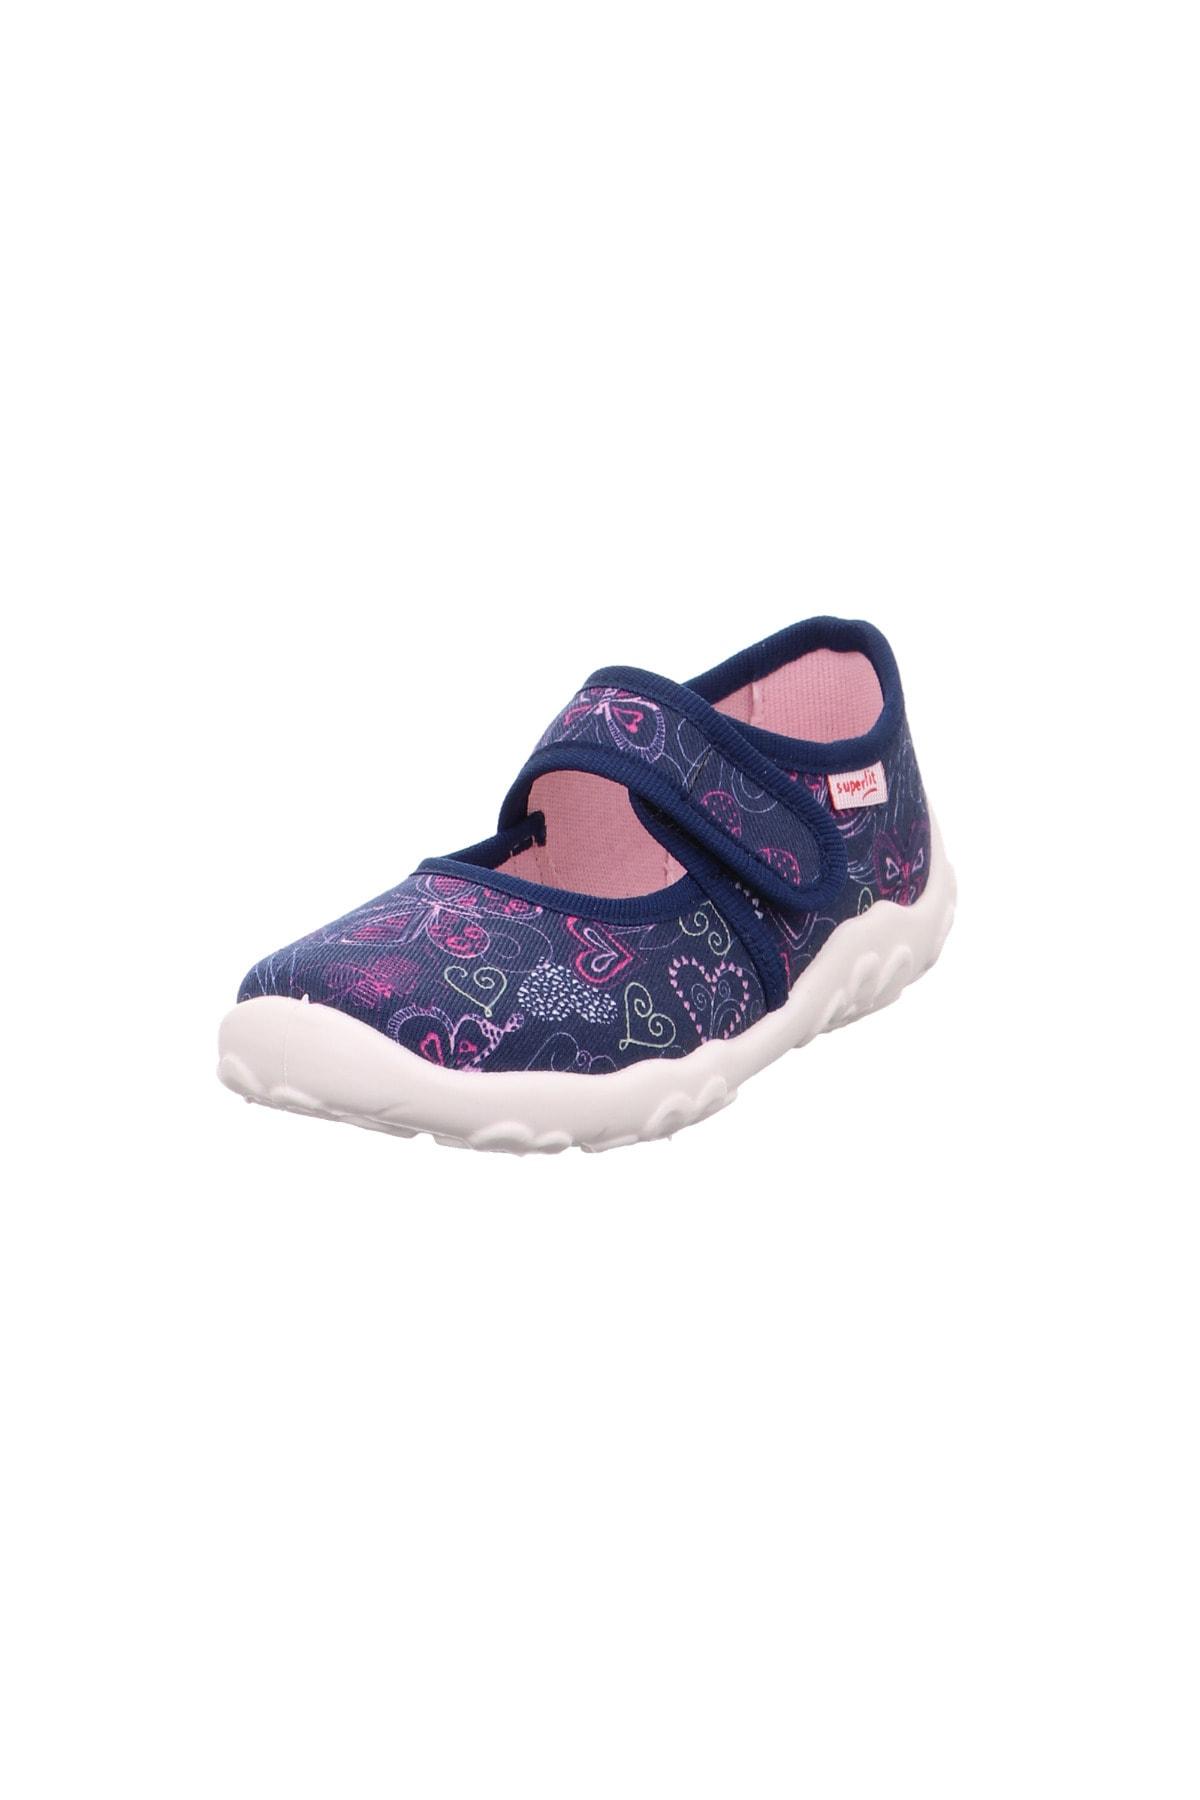 Superfit Çocuk Panduf Kreş Ayakkabısı Kalpli 1